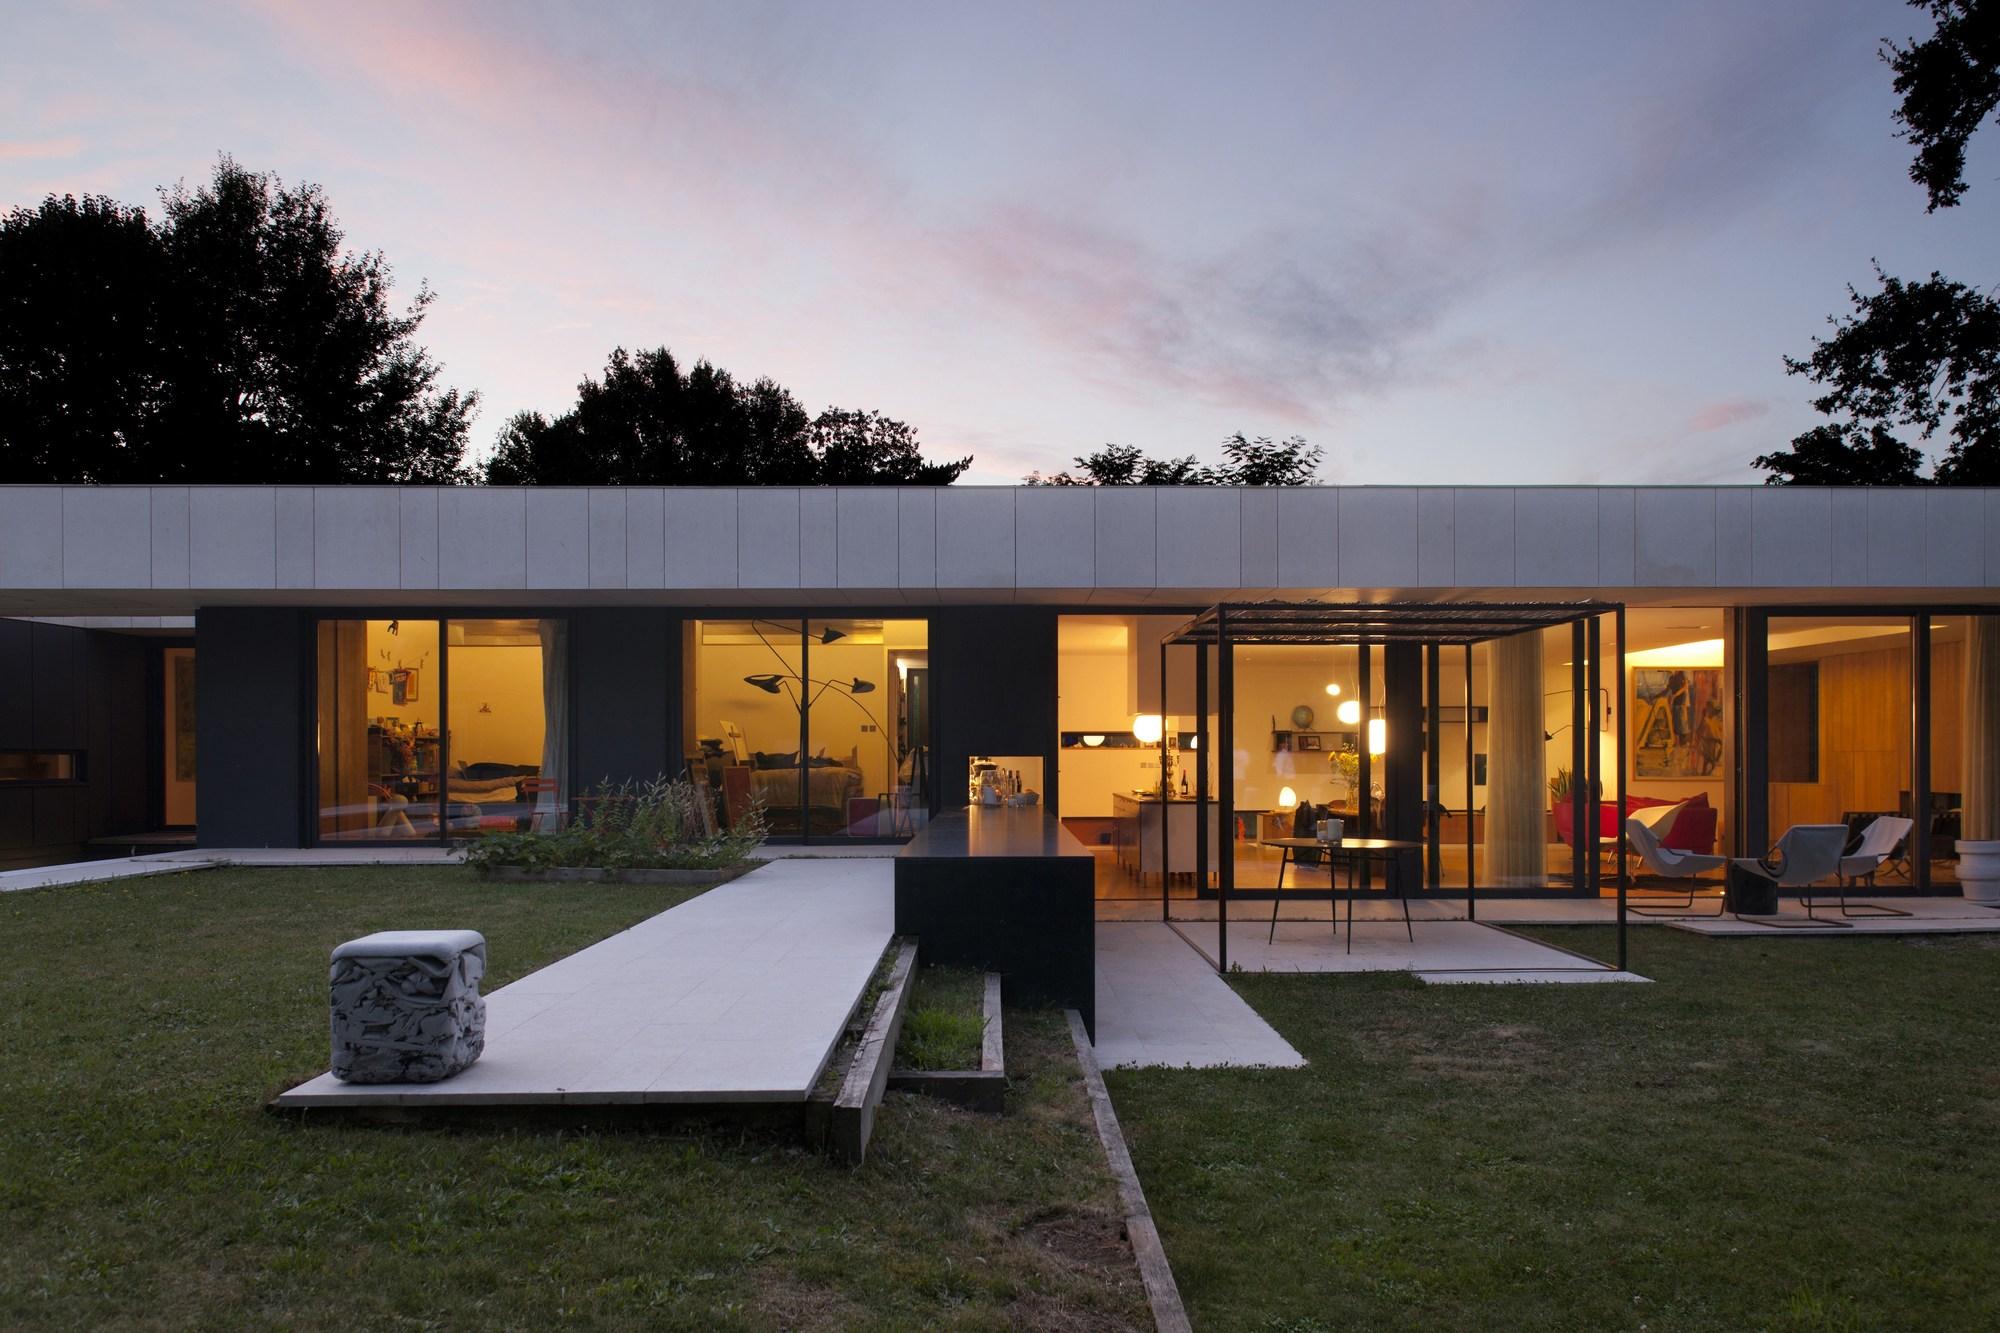 galer a de casa en charbonni res les bains atelier didier dalmas 12. Black Bedroom Furniture Sets. Home Design Ideas